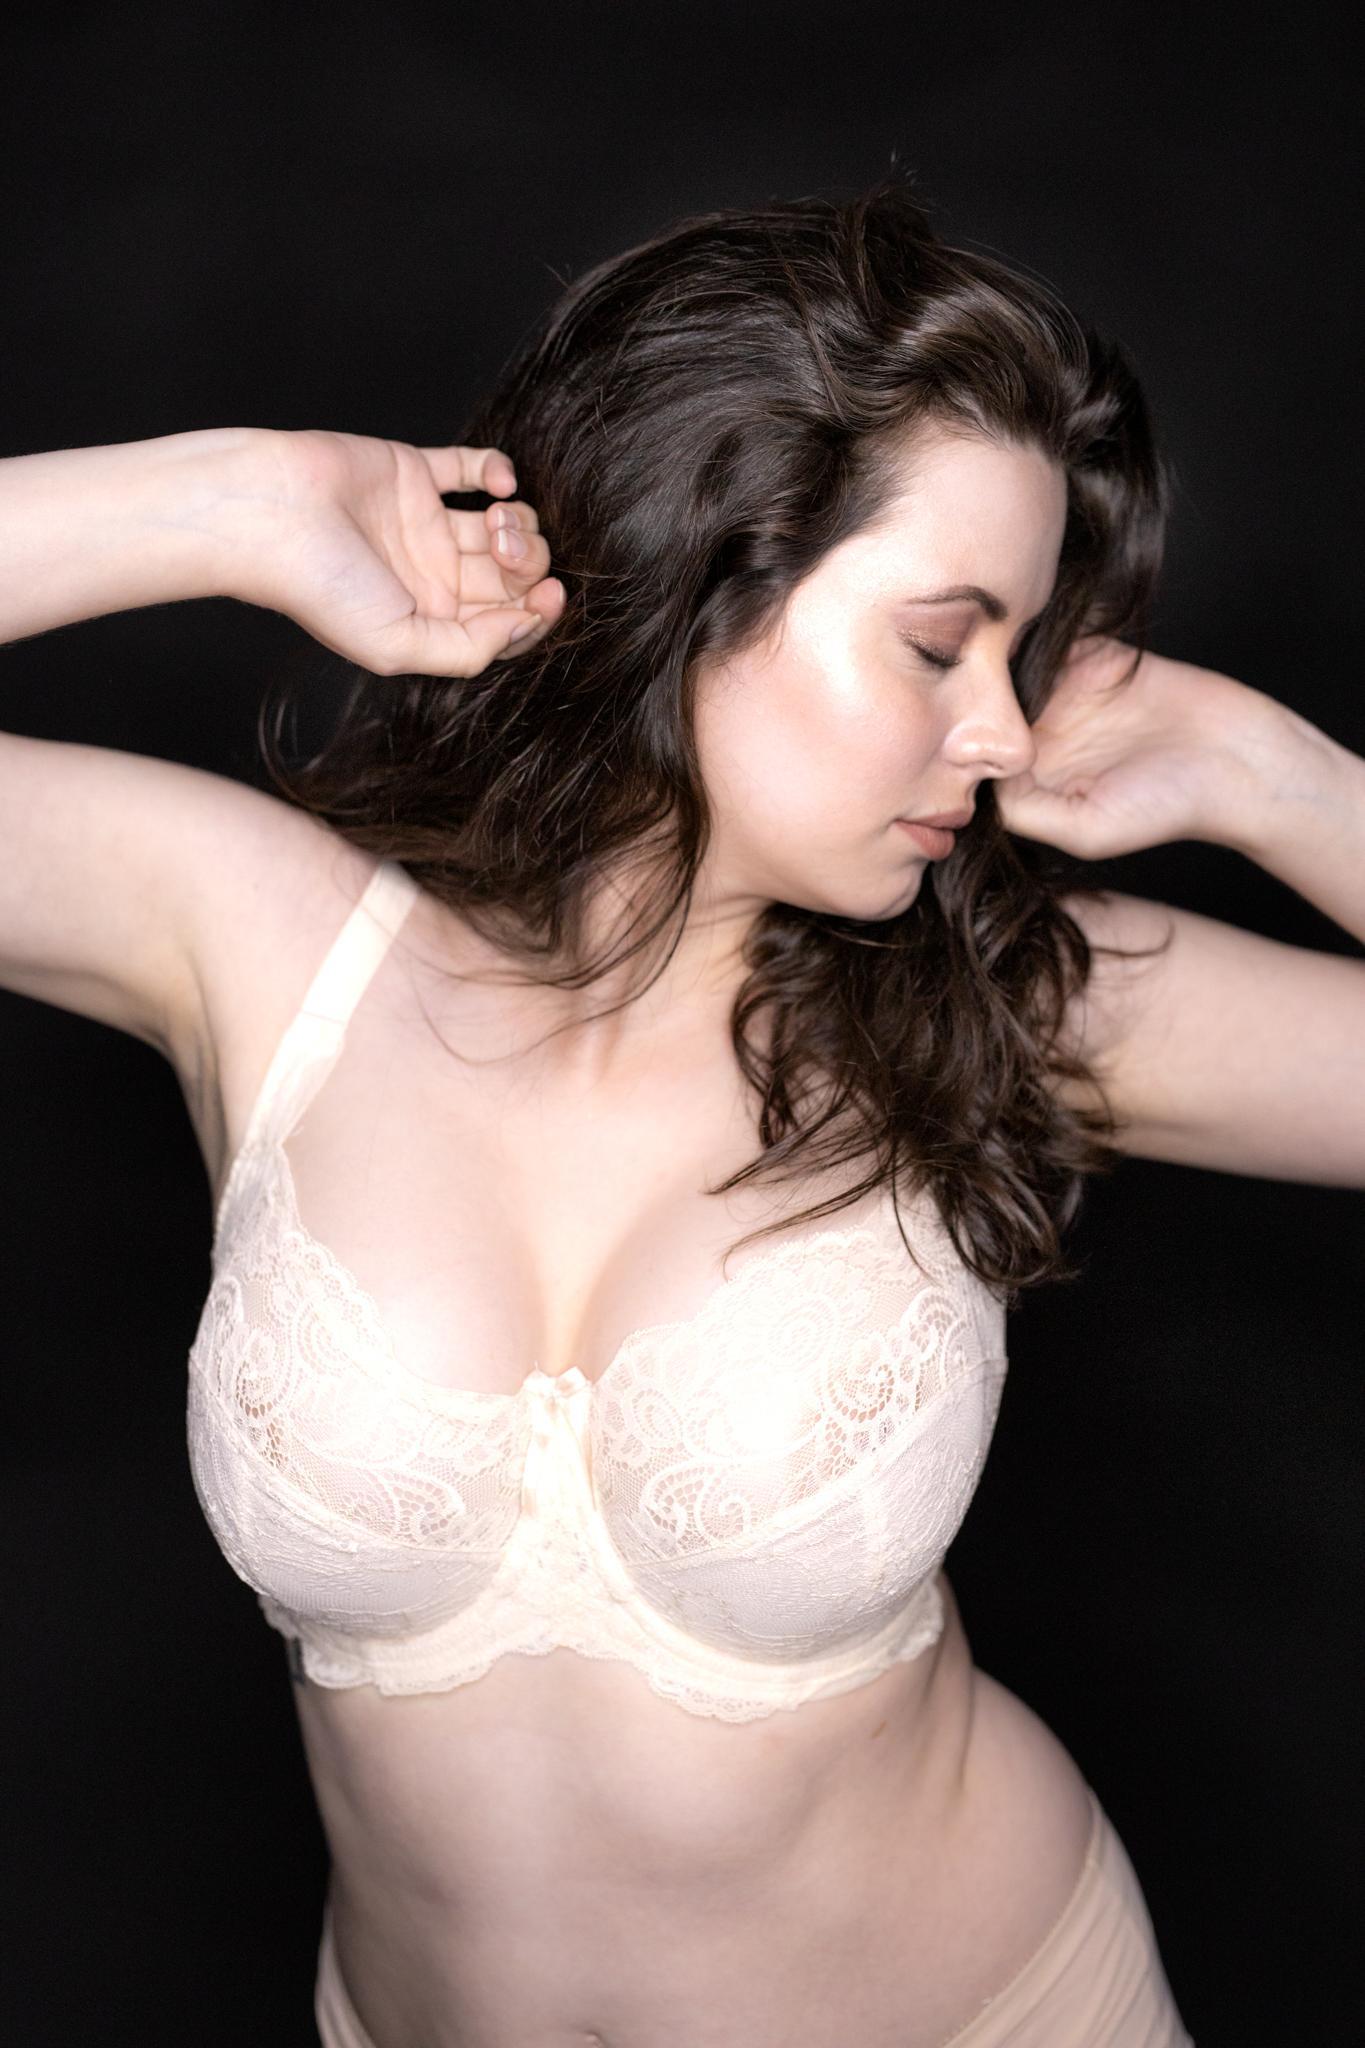 Sam Paige Nude Lingerie Strip Set Leaked 0007